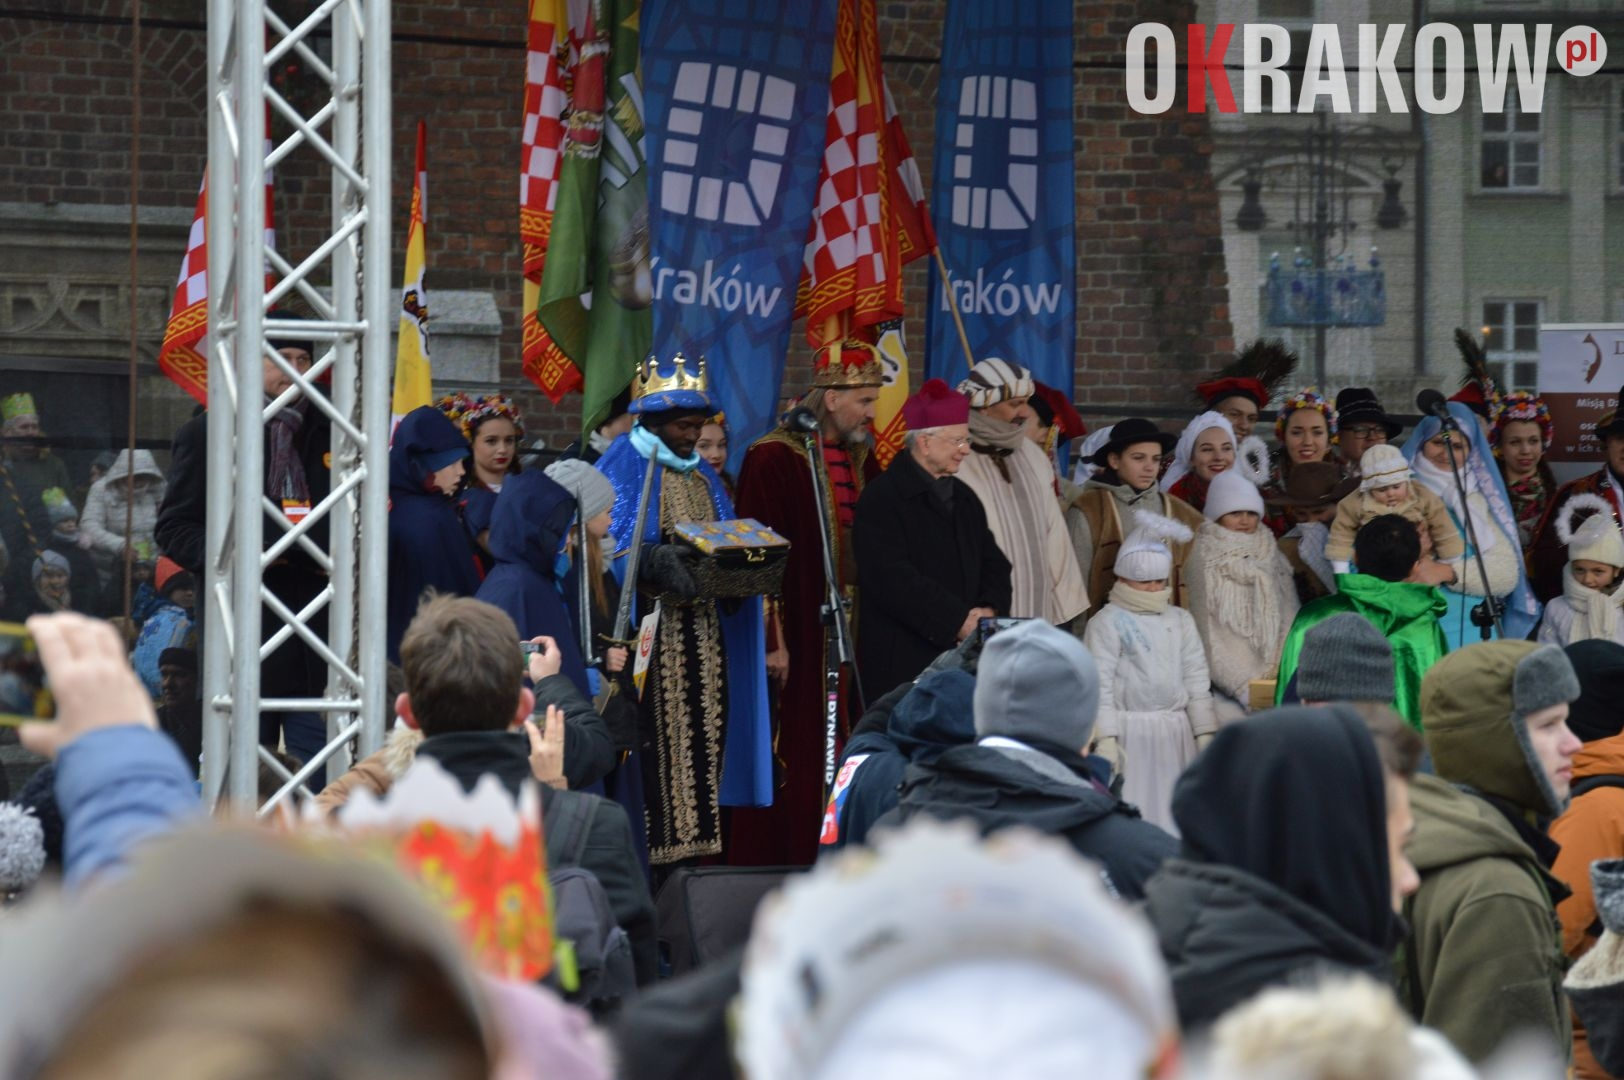 orszak 59 1 150x150 - Orszak Trzech Króli Kraków 2020 Galeria Zdjęć z Orszaku (czerwonego)